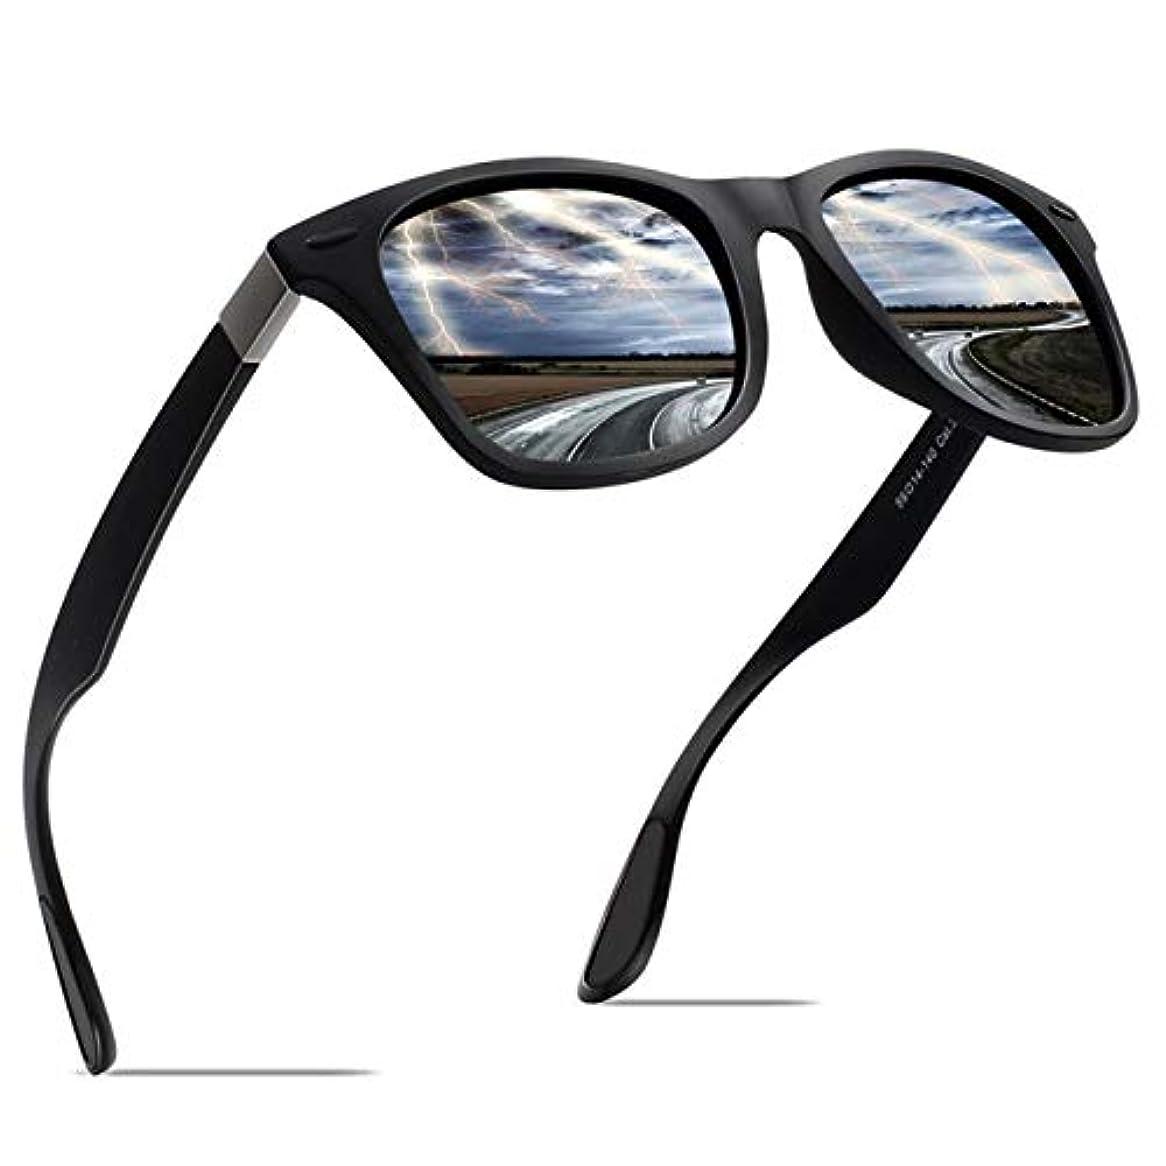 減少困難メッセンジャーJULI 偏光レンズ サングラス レディース メンズ 偏光男女兼用 TR90 フレーム F4195